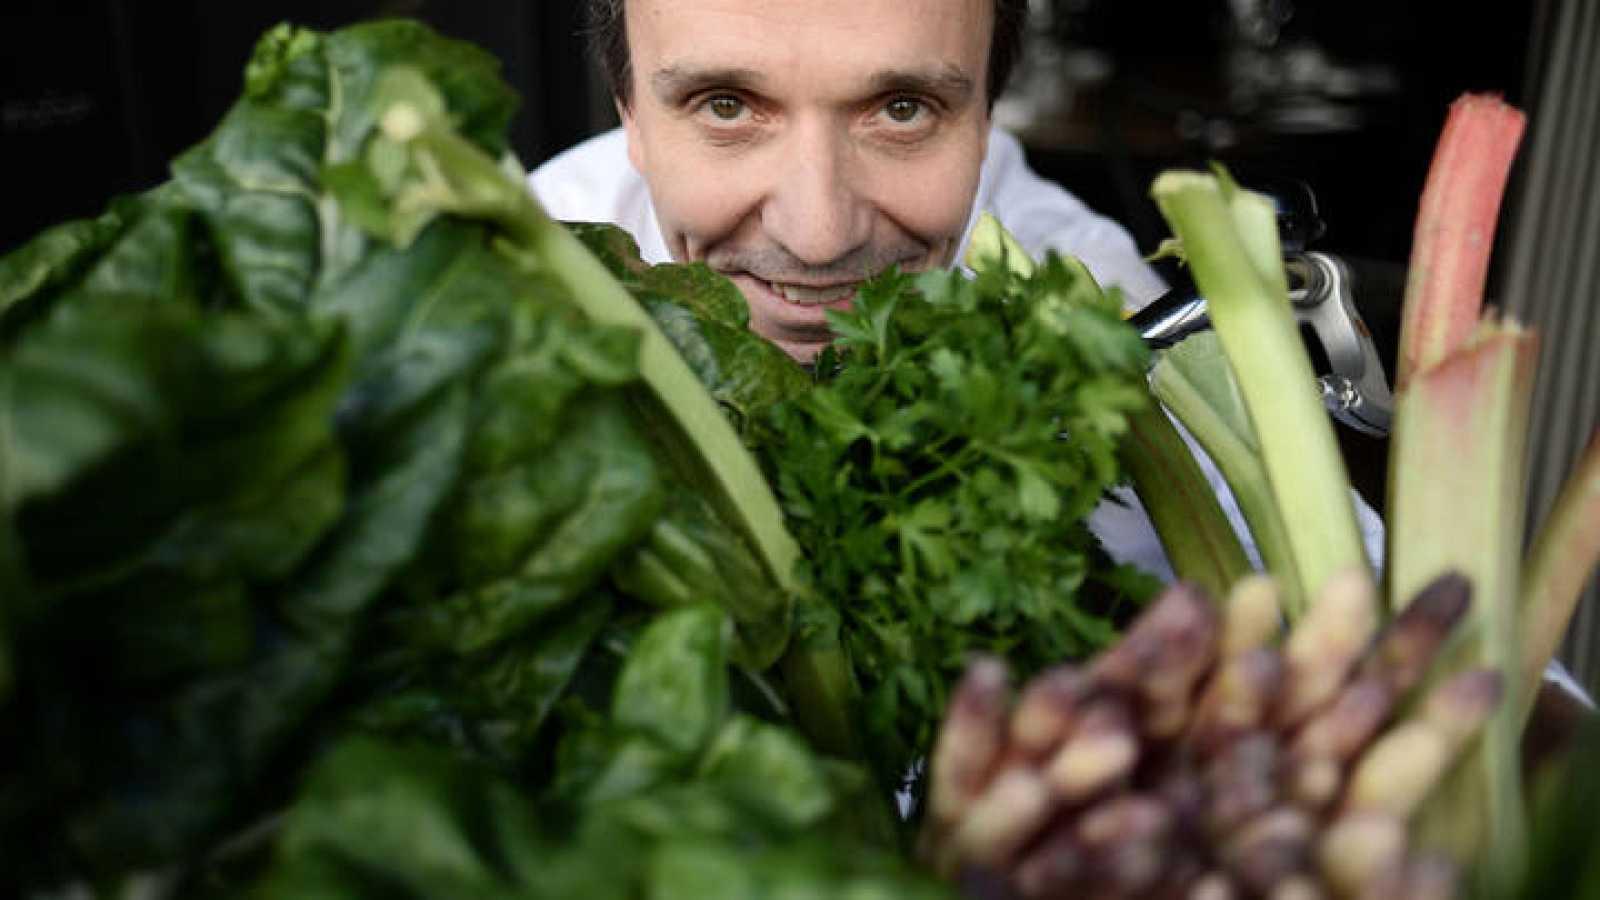 El chef François Pasteau posa con unas verduras en su restaurante parisino